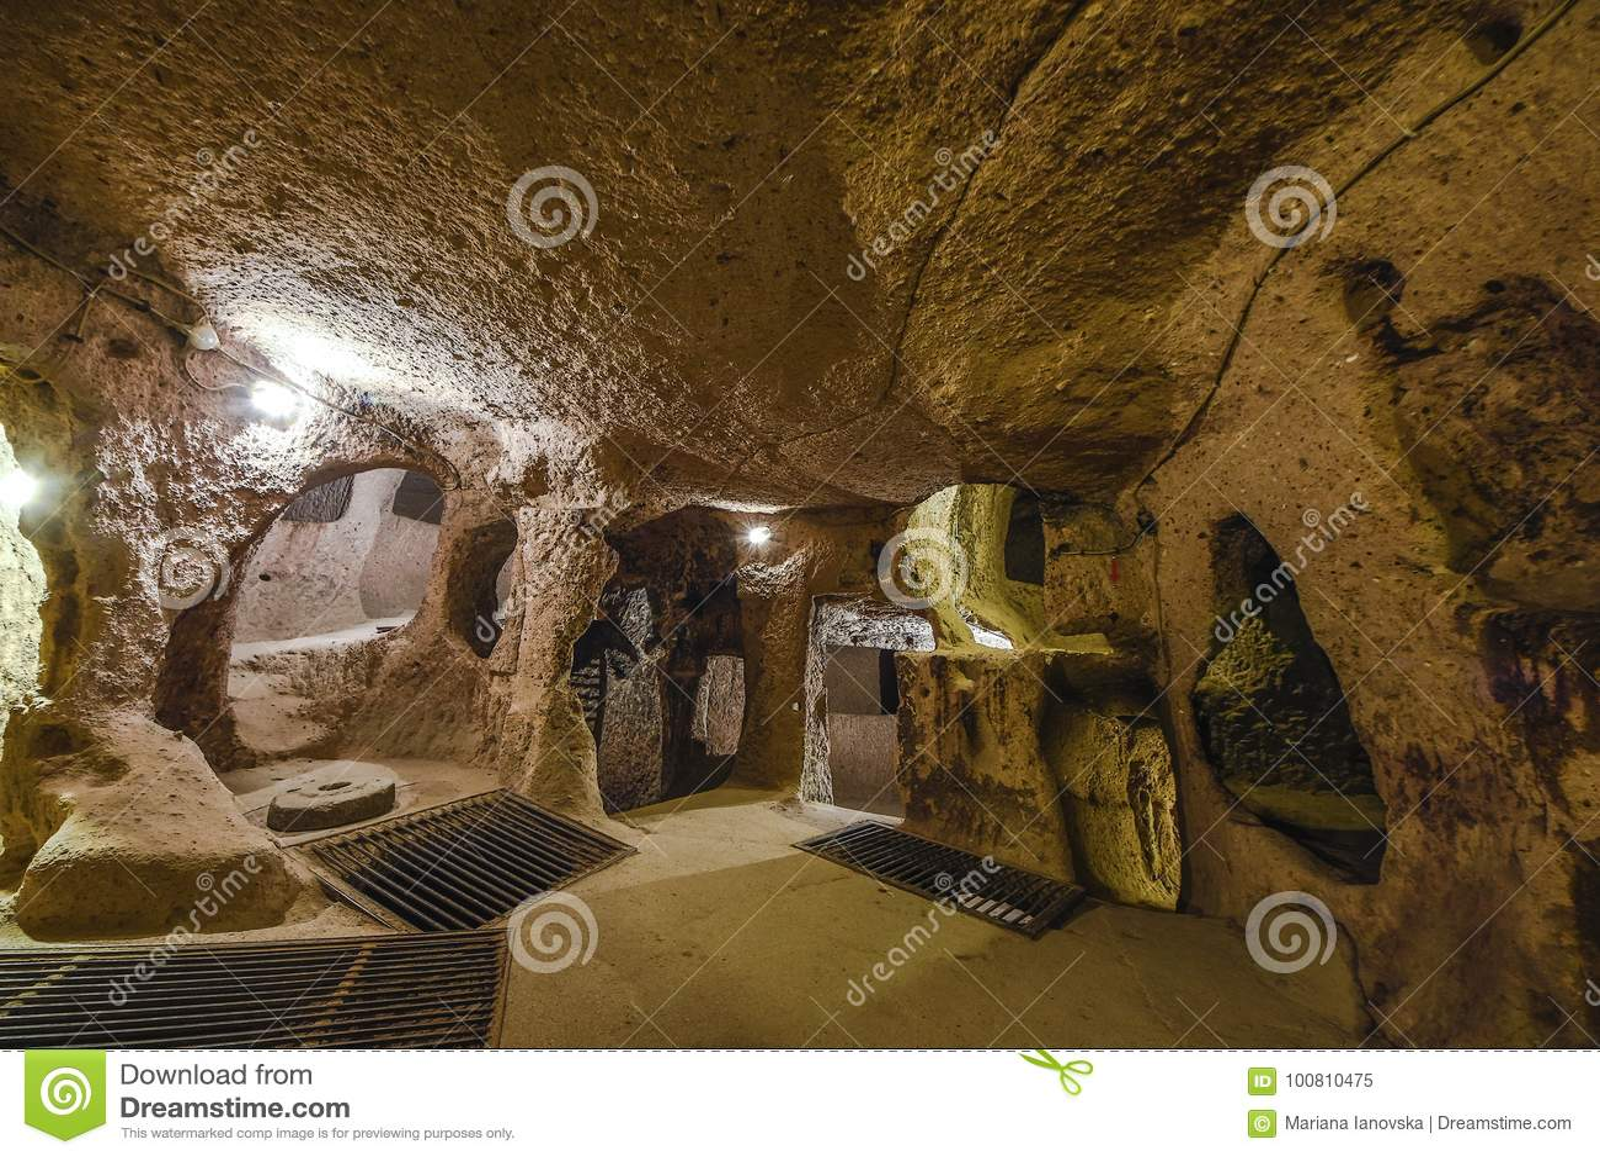 代林库尤地下市是一个古老多重洞城市在卡帕多细亚,土耳其